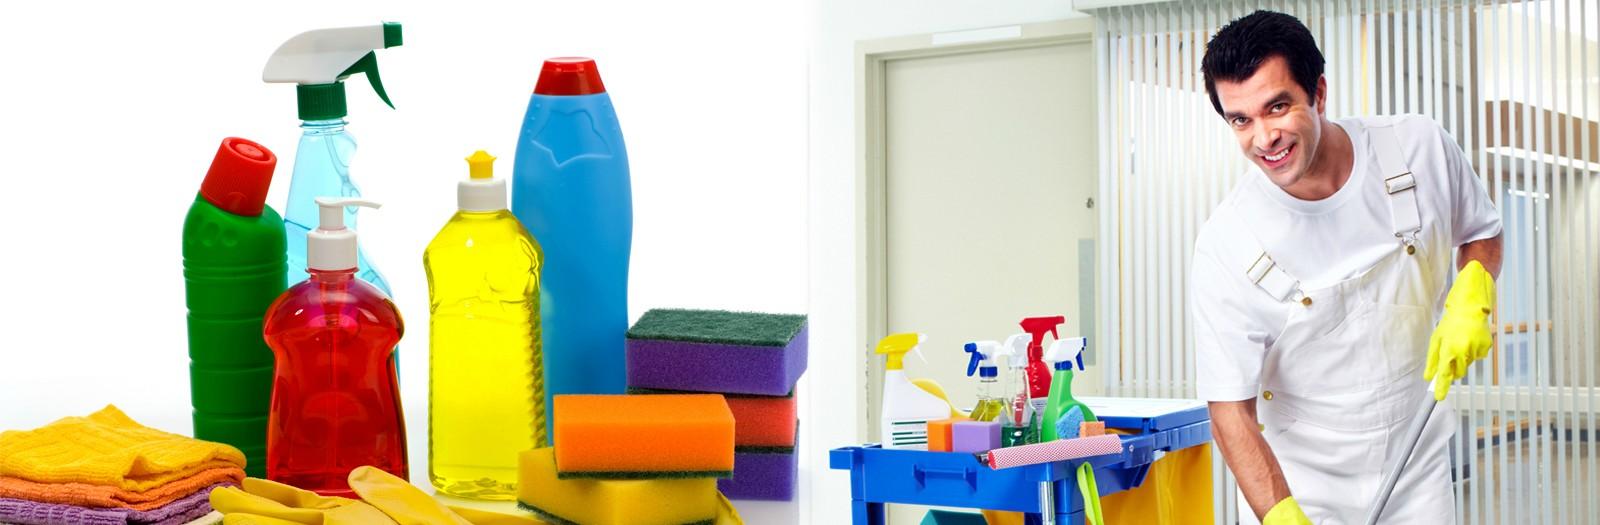 ارخص شركة تنظيف منازل بالمدينة المنورة